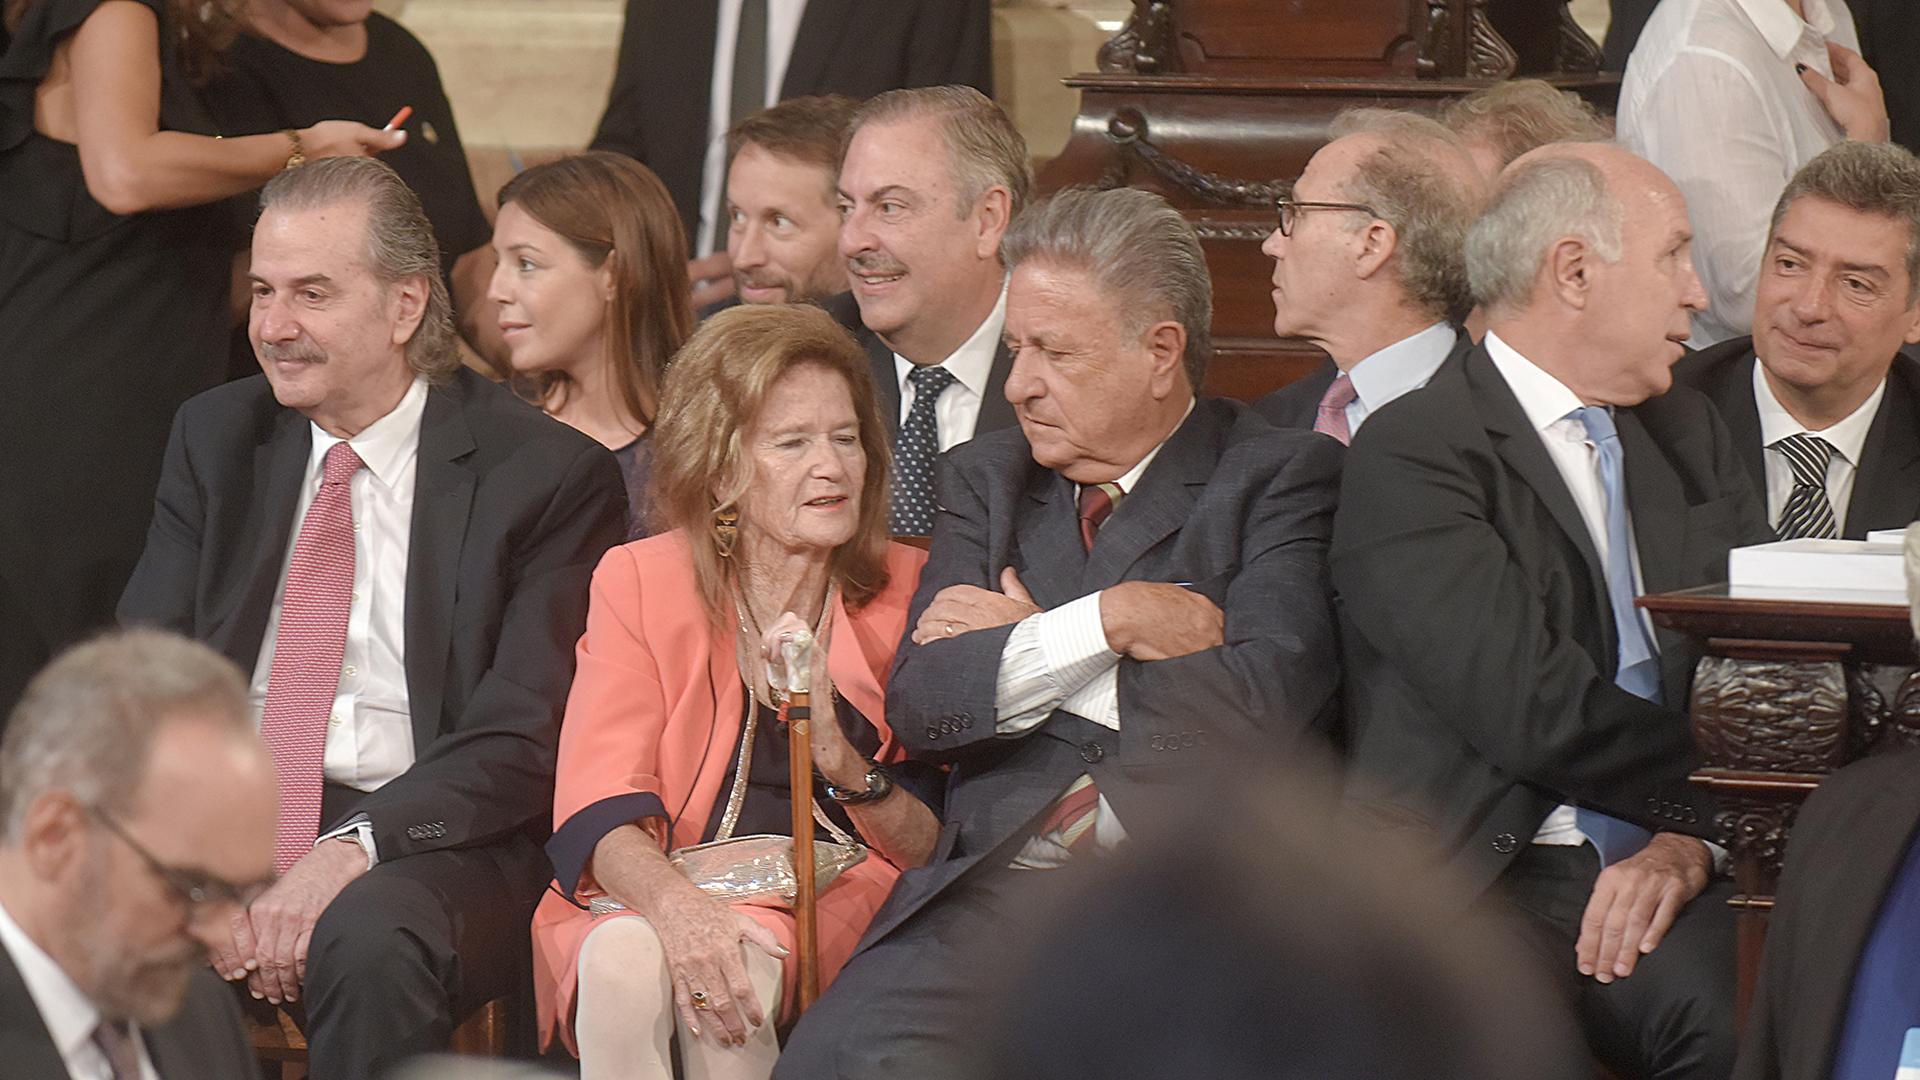 El palco de la Corte Suprema: Juan Carlos Maqueda, Elena Highton, el ex presidente Eduardo Duhalde, y el presidente del máximo tribunal Ricardo Lorenzetti en diálogo con Horacio Rosatti